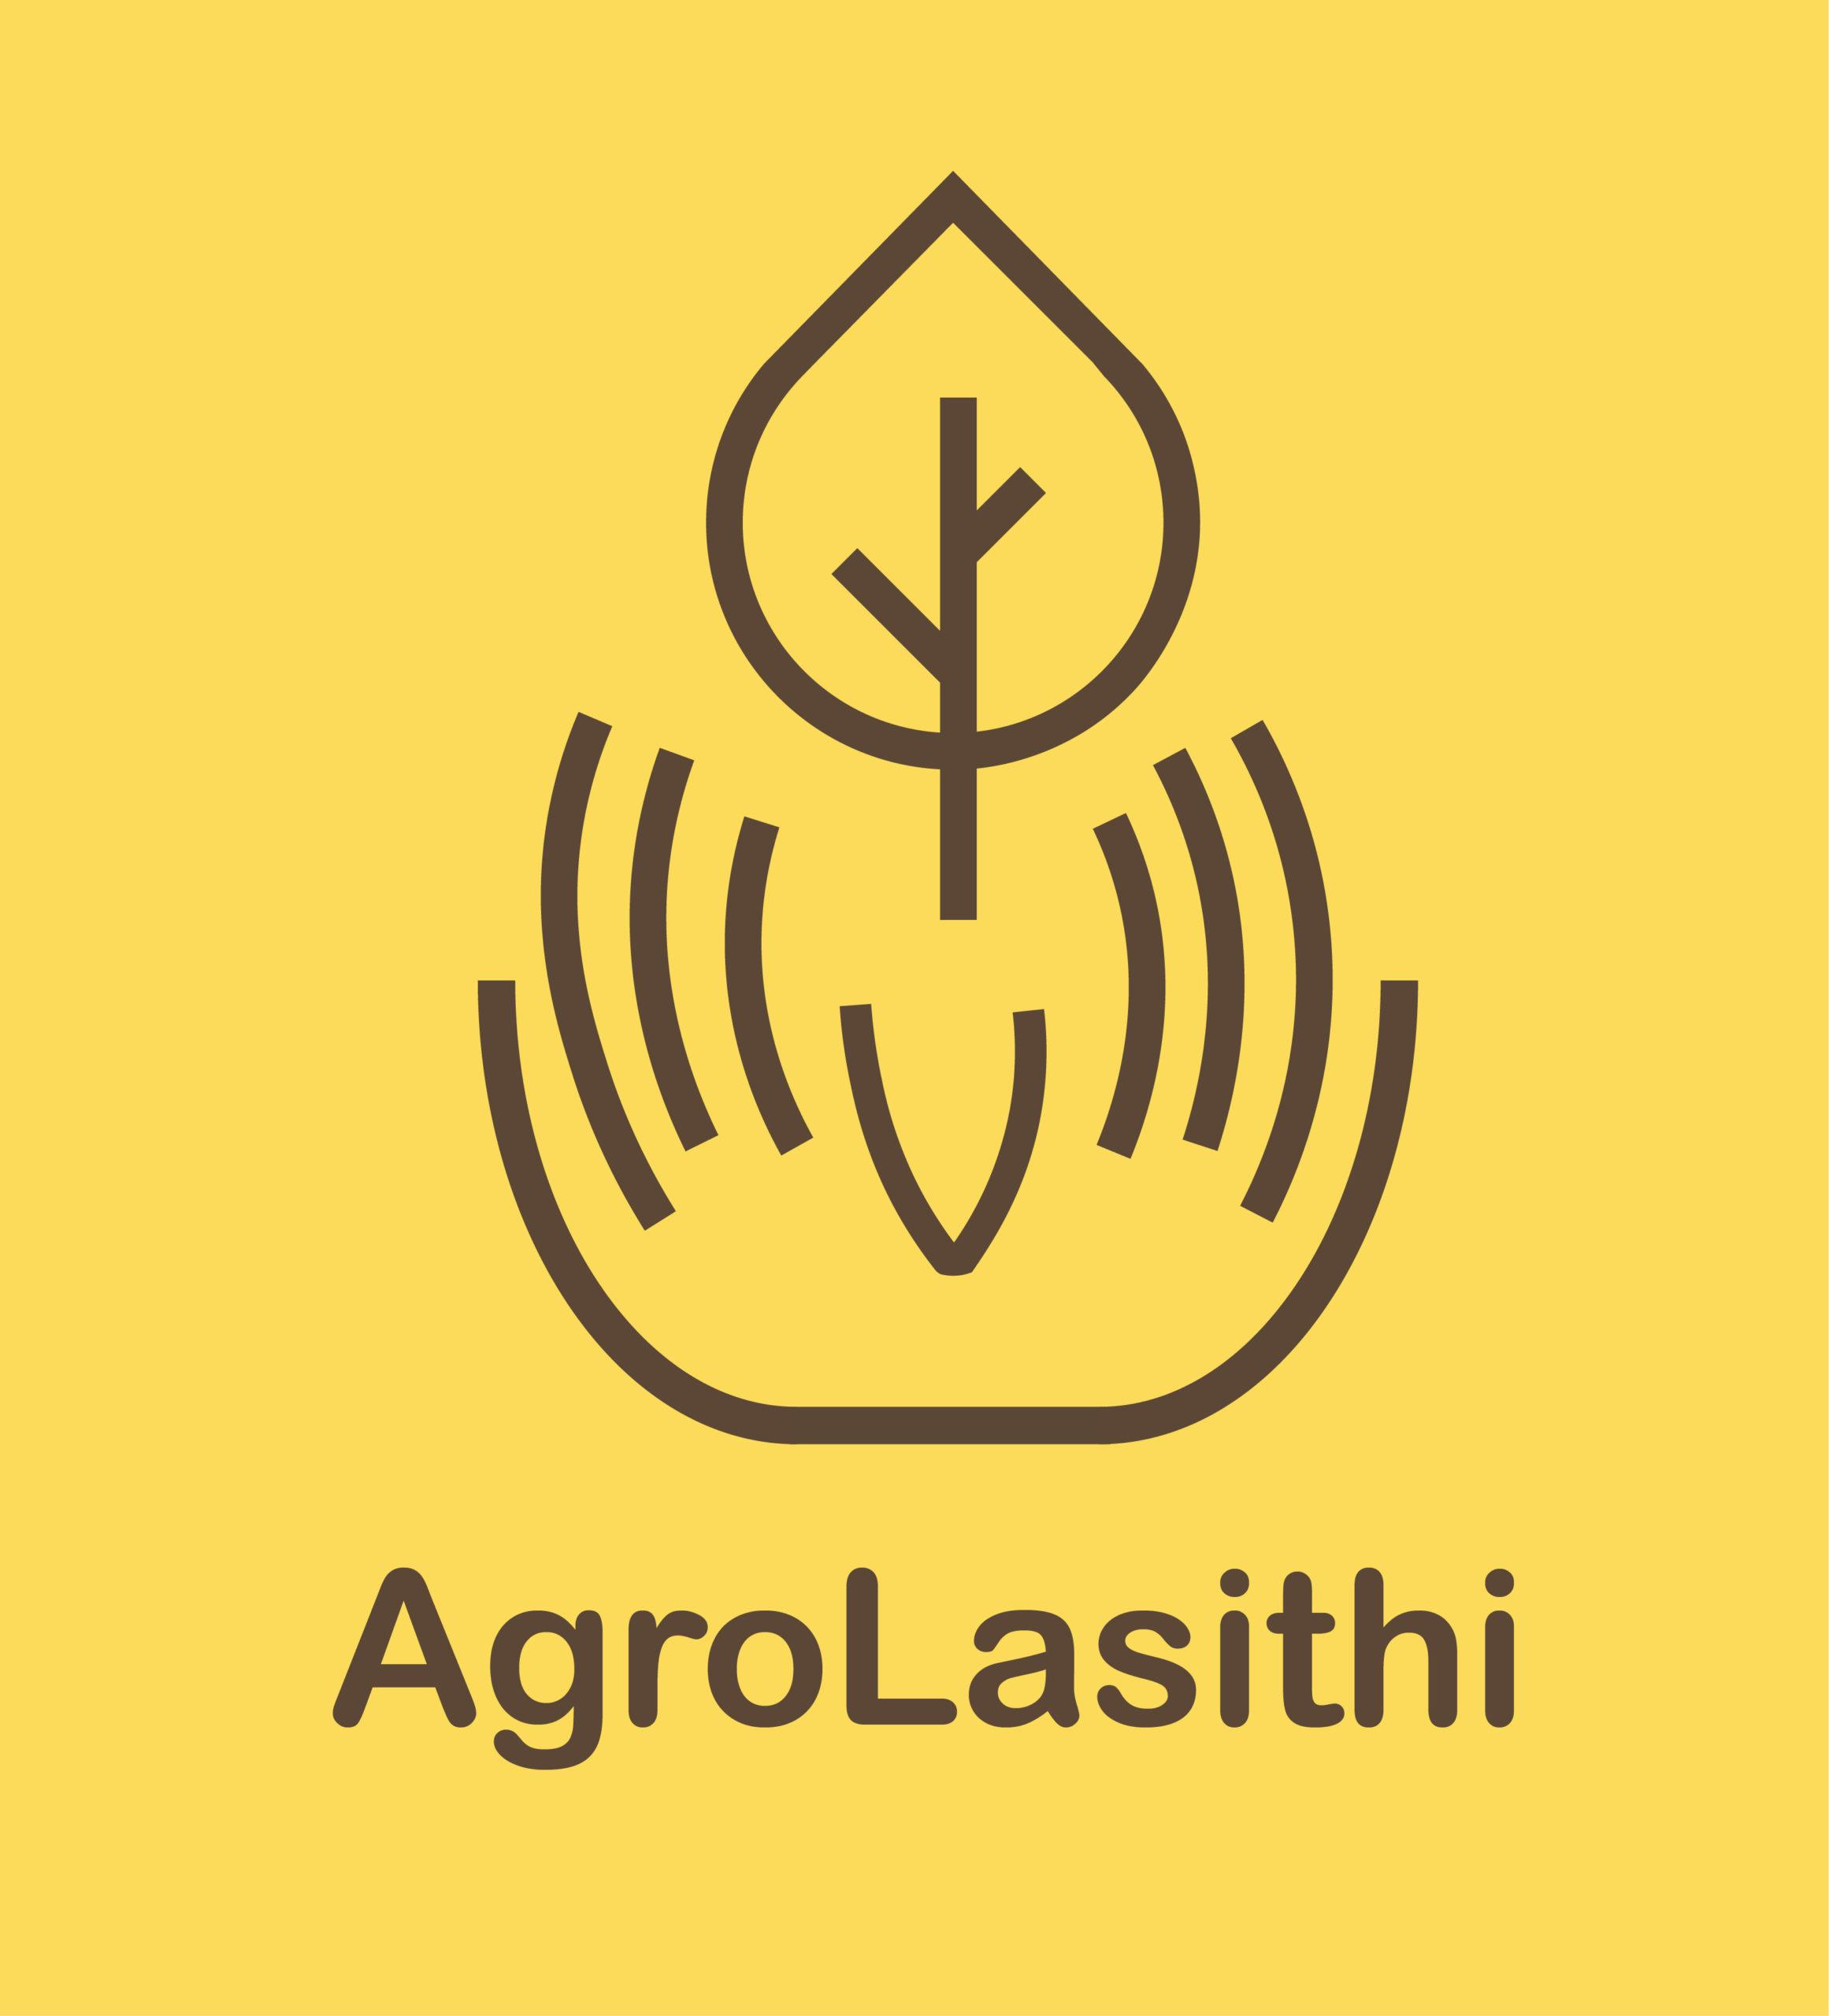 AgroLasithi